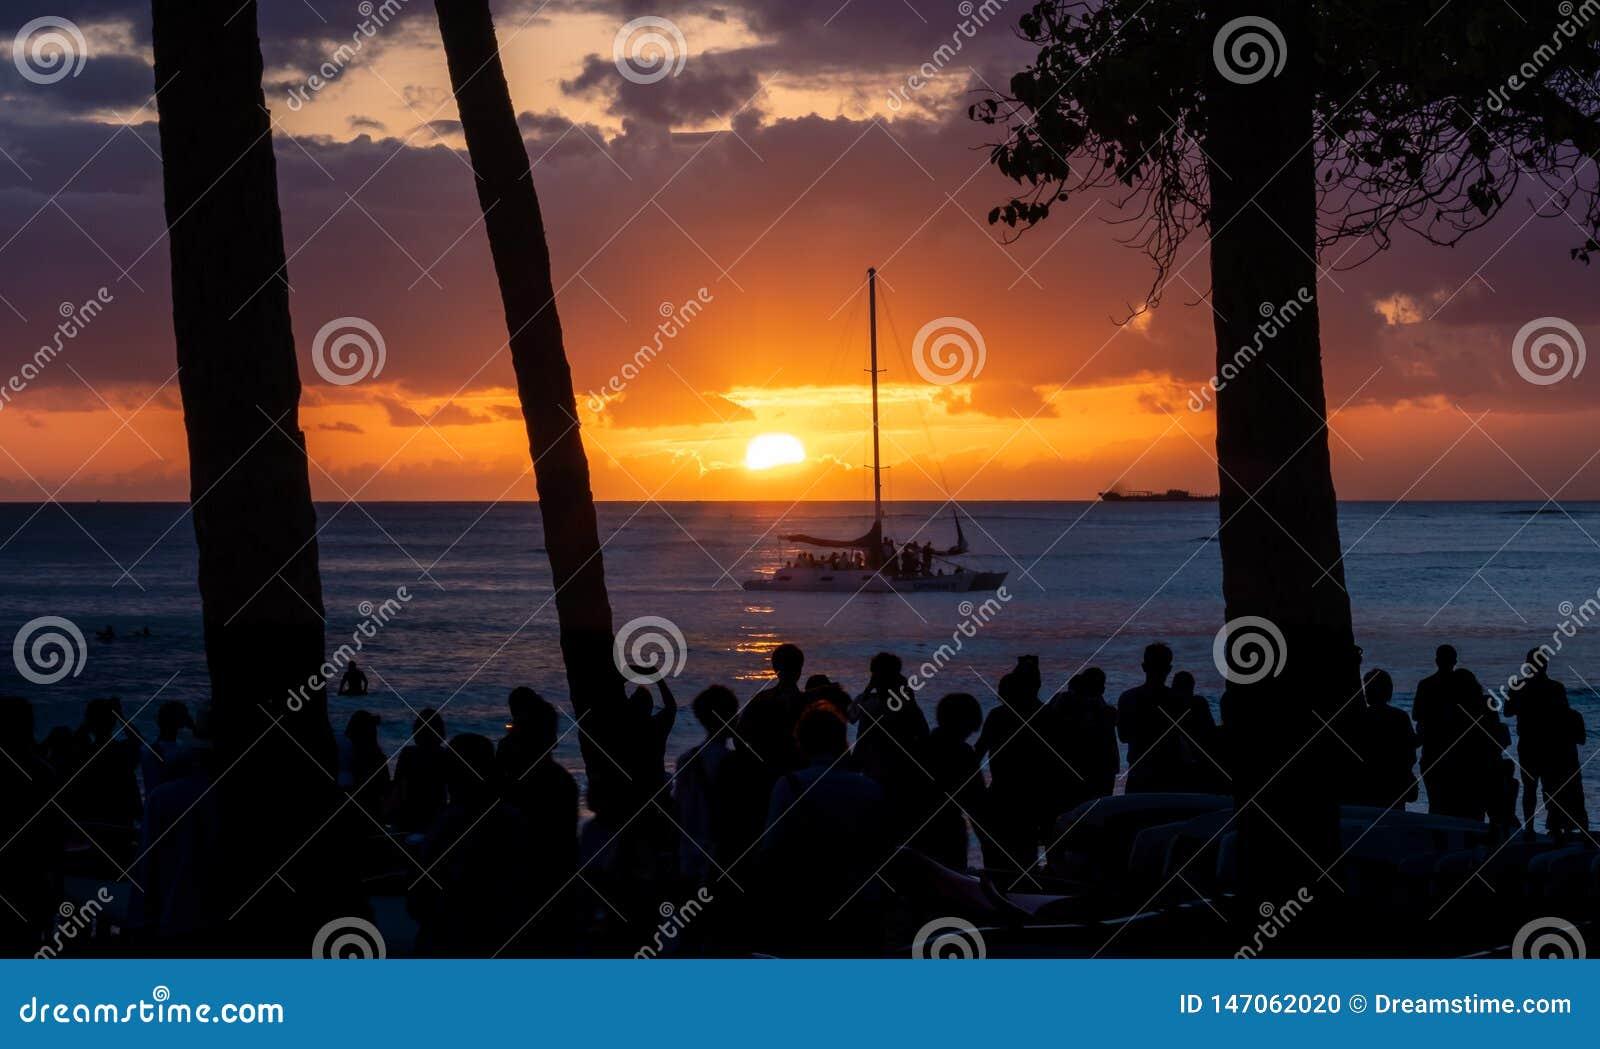 在威基基海滩,奥阿胡岛,与风船的夏威夷的经典日落